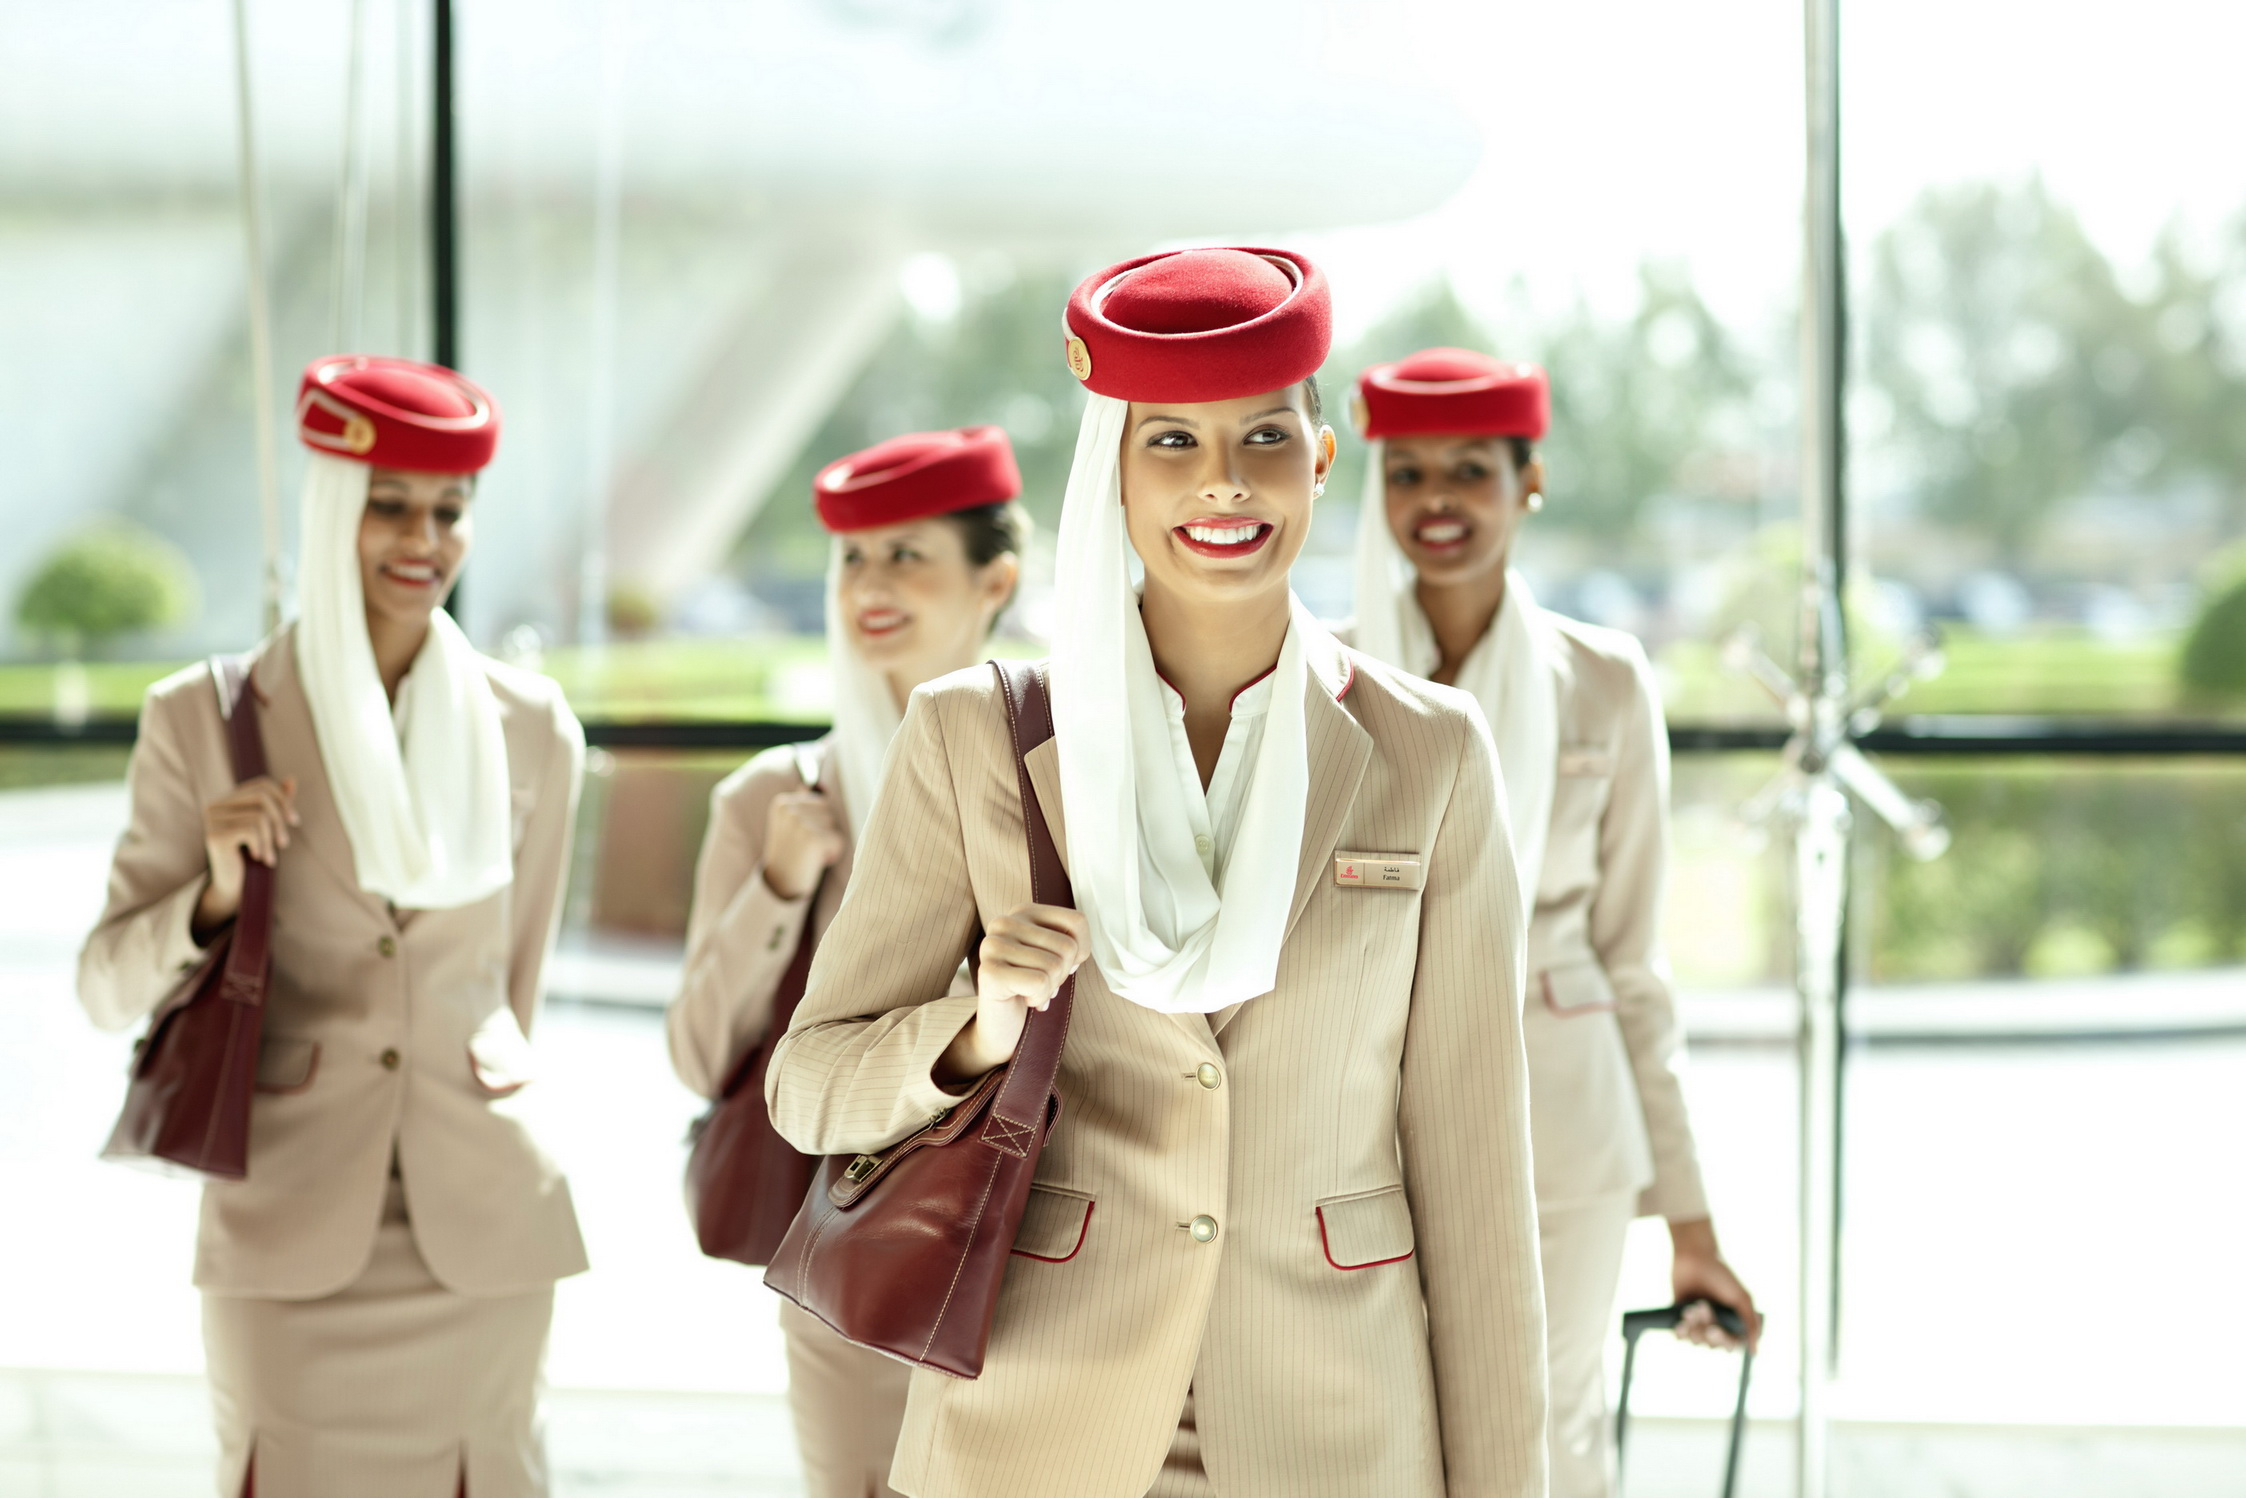 Nueva oferta de empleo TCP: Tripulantes de Cabina para el aeropuerto de Barcelona